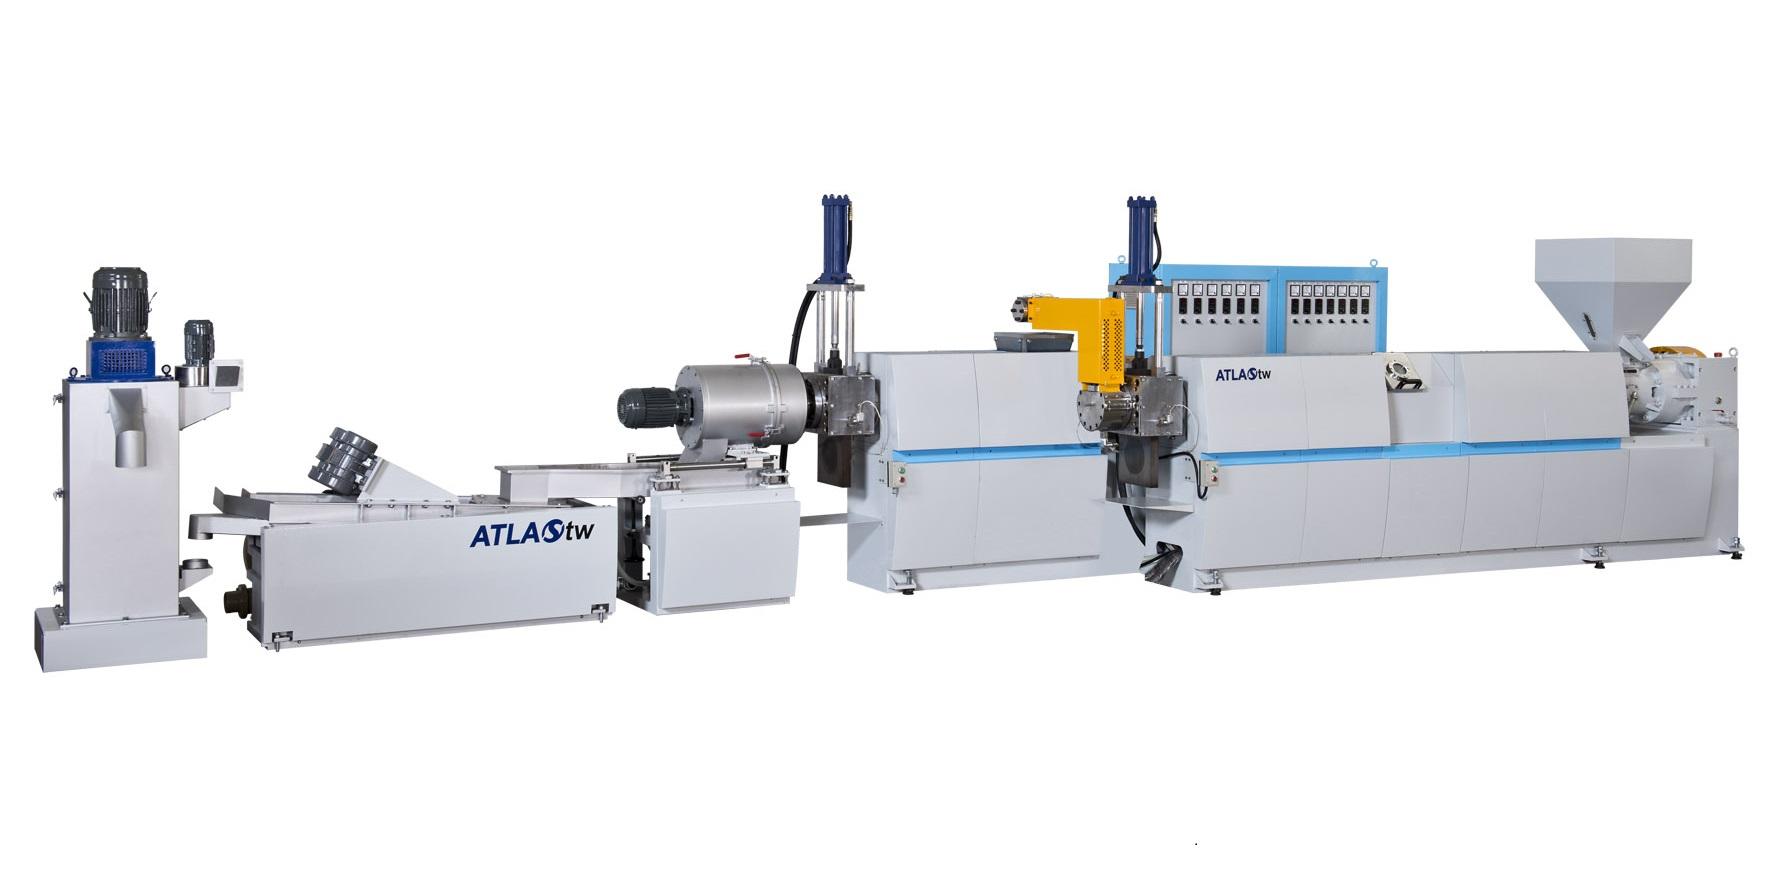 TWP-100 2단 호퍼 공급 및 다이 페이스 커팅 플라스틱 재활용 및 펠렛화 기계